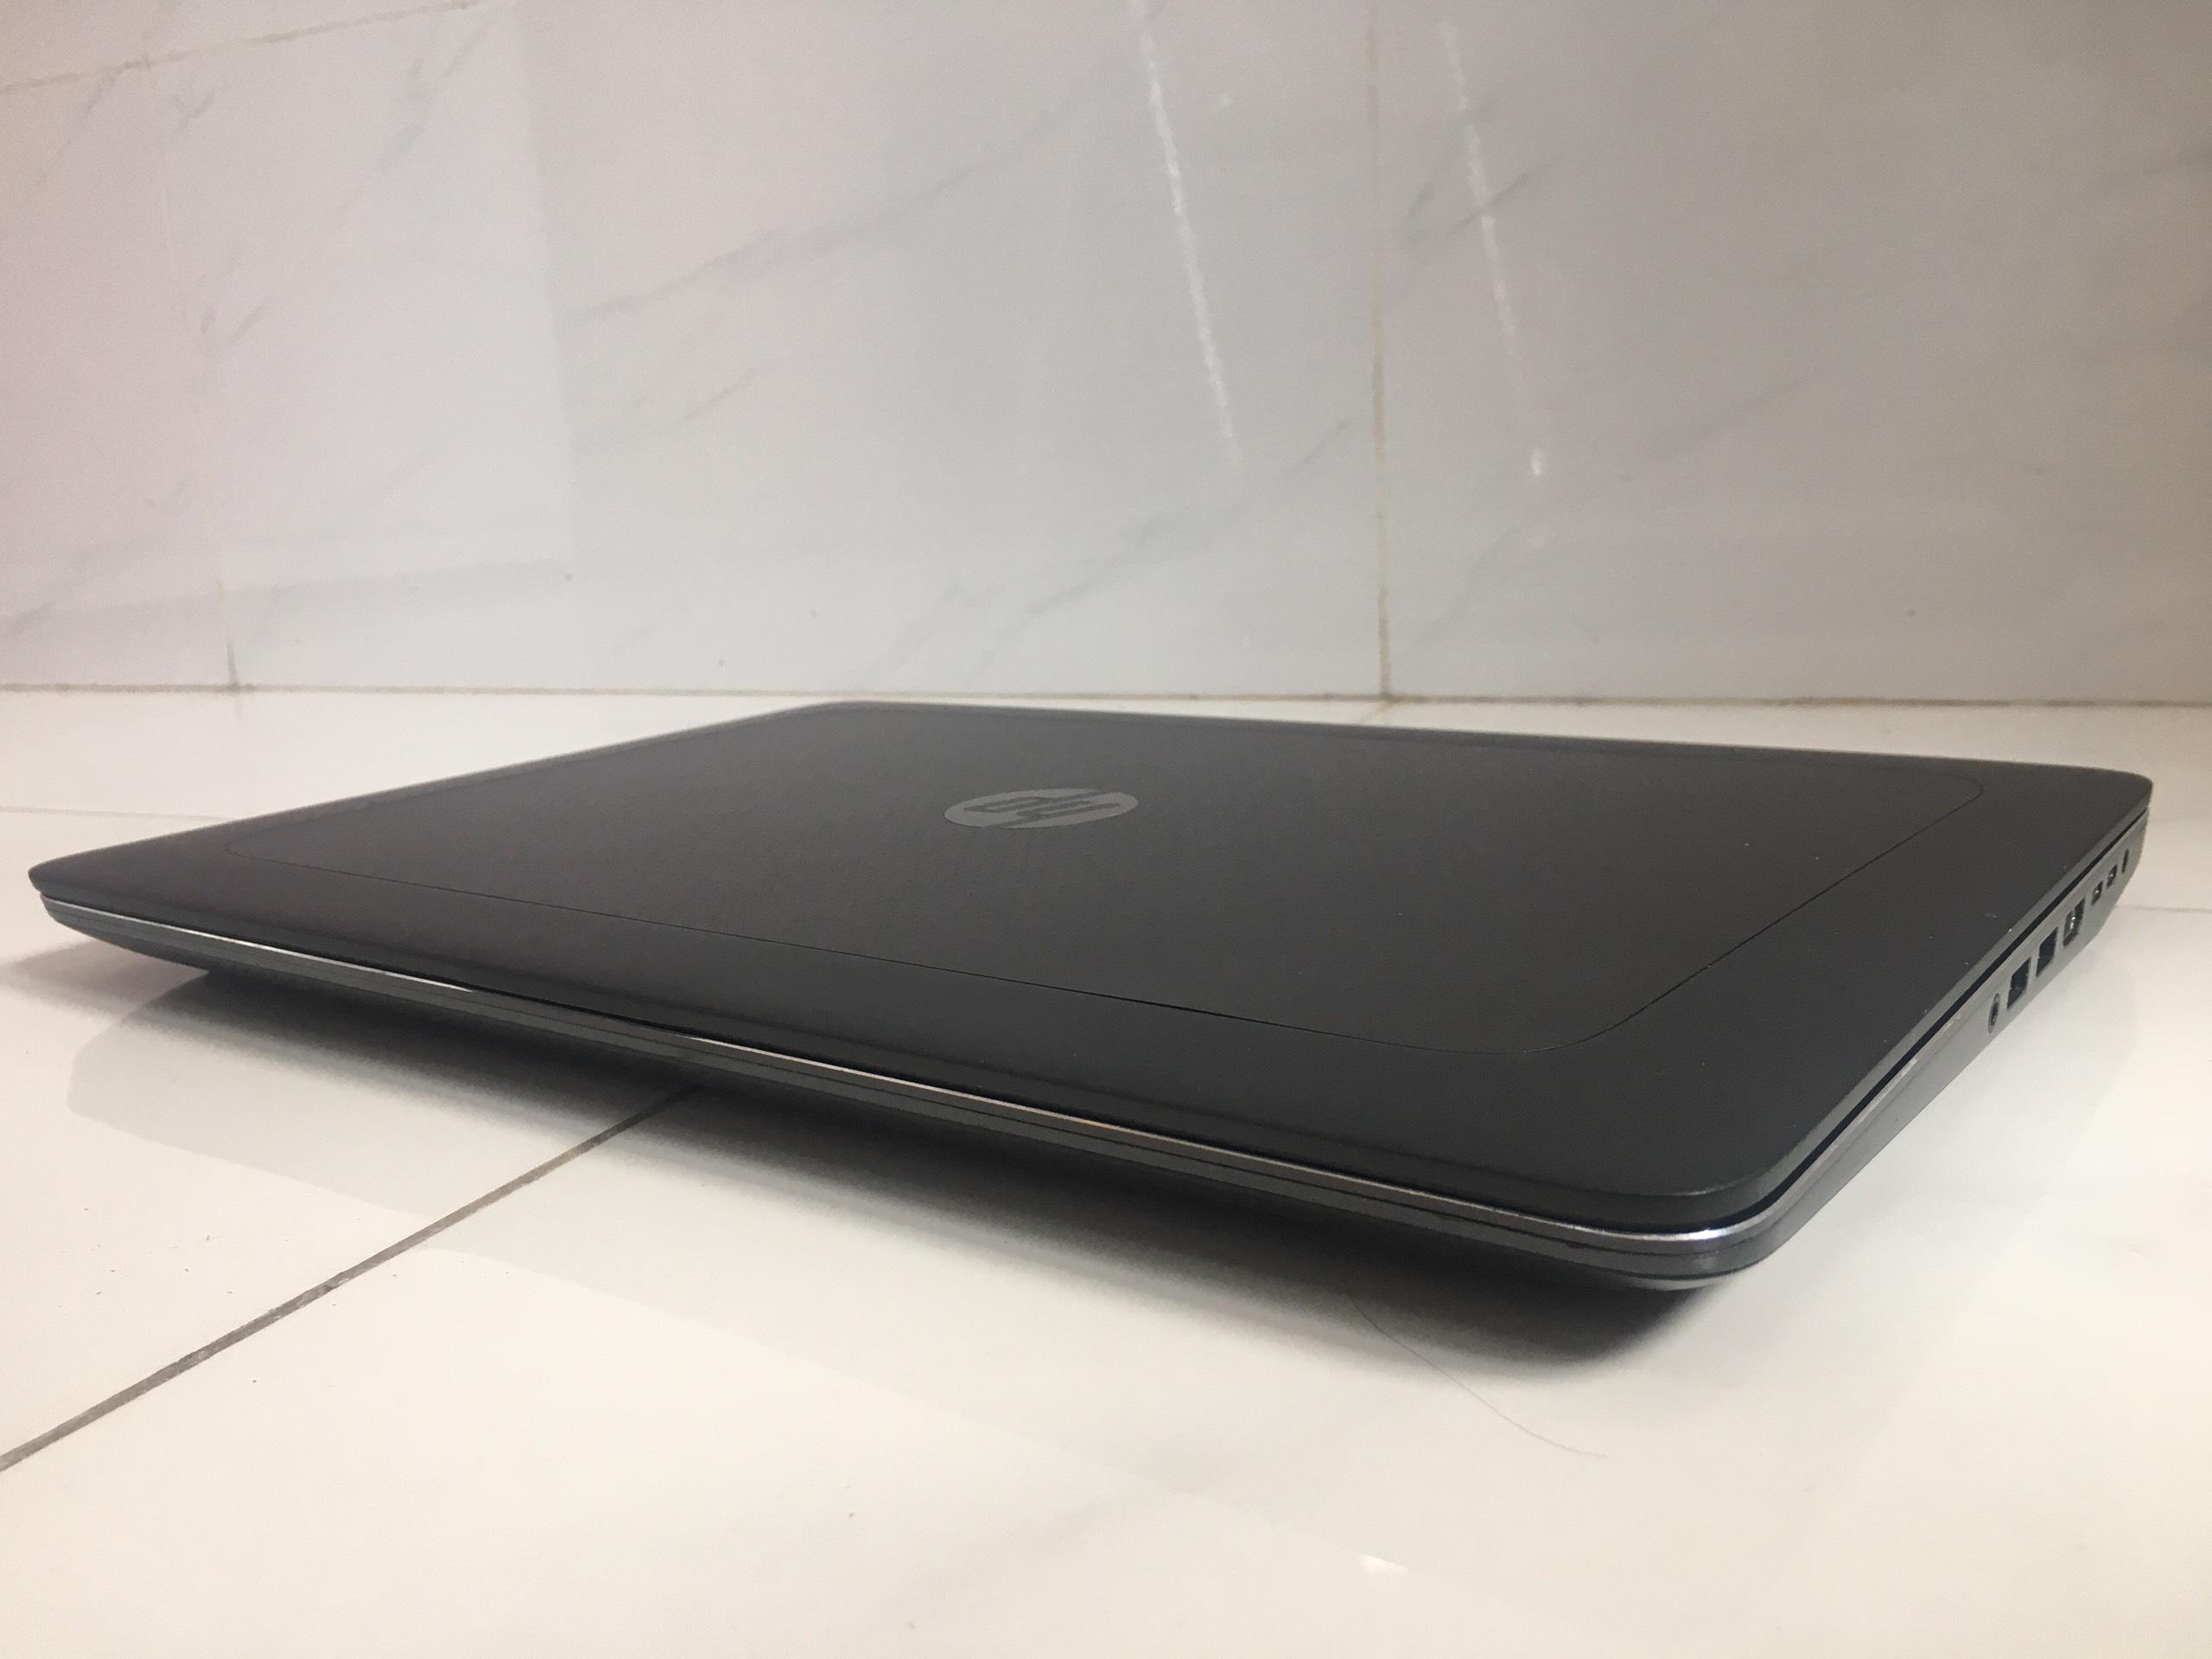 laptop-hp-zbook-15-g3-core-i7-6820hq-21